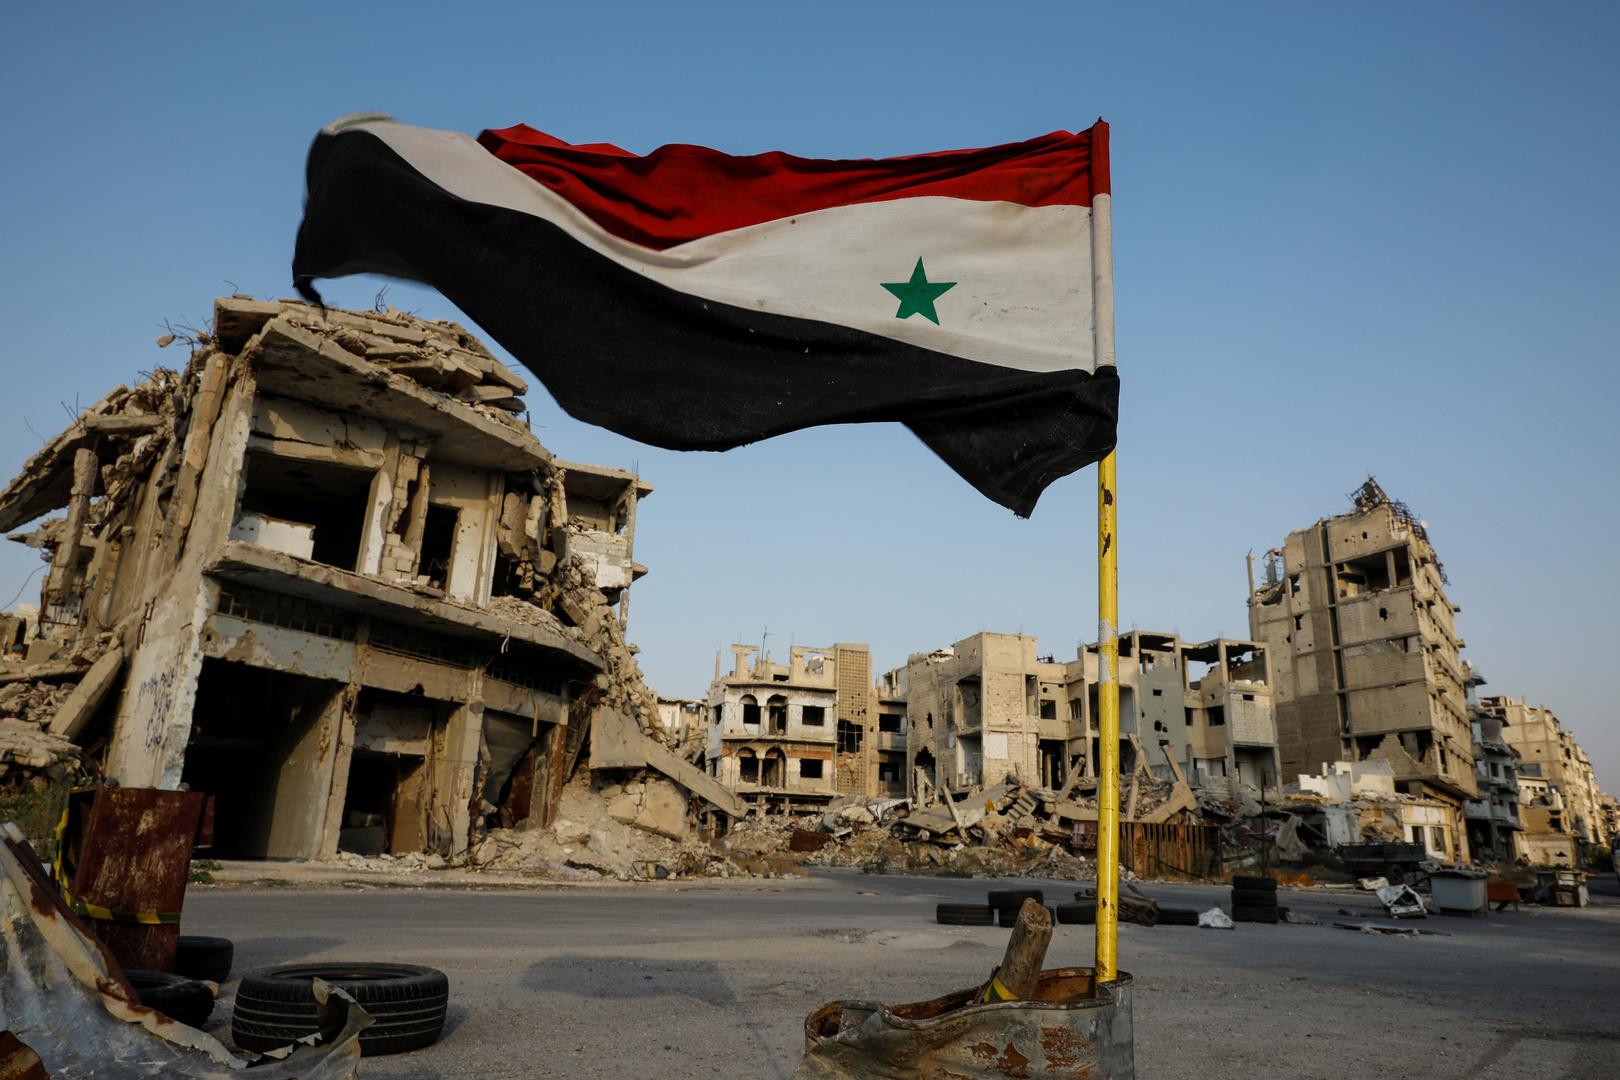 لأول مرة منذ 2014.. الأمم المتحدة تراجع حصيلتها لضحايا الحرب في سوريا